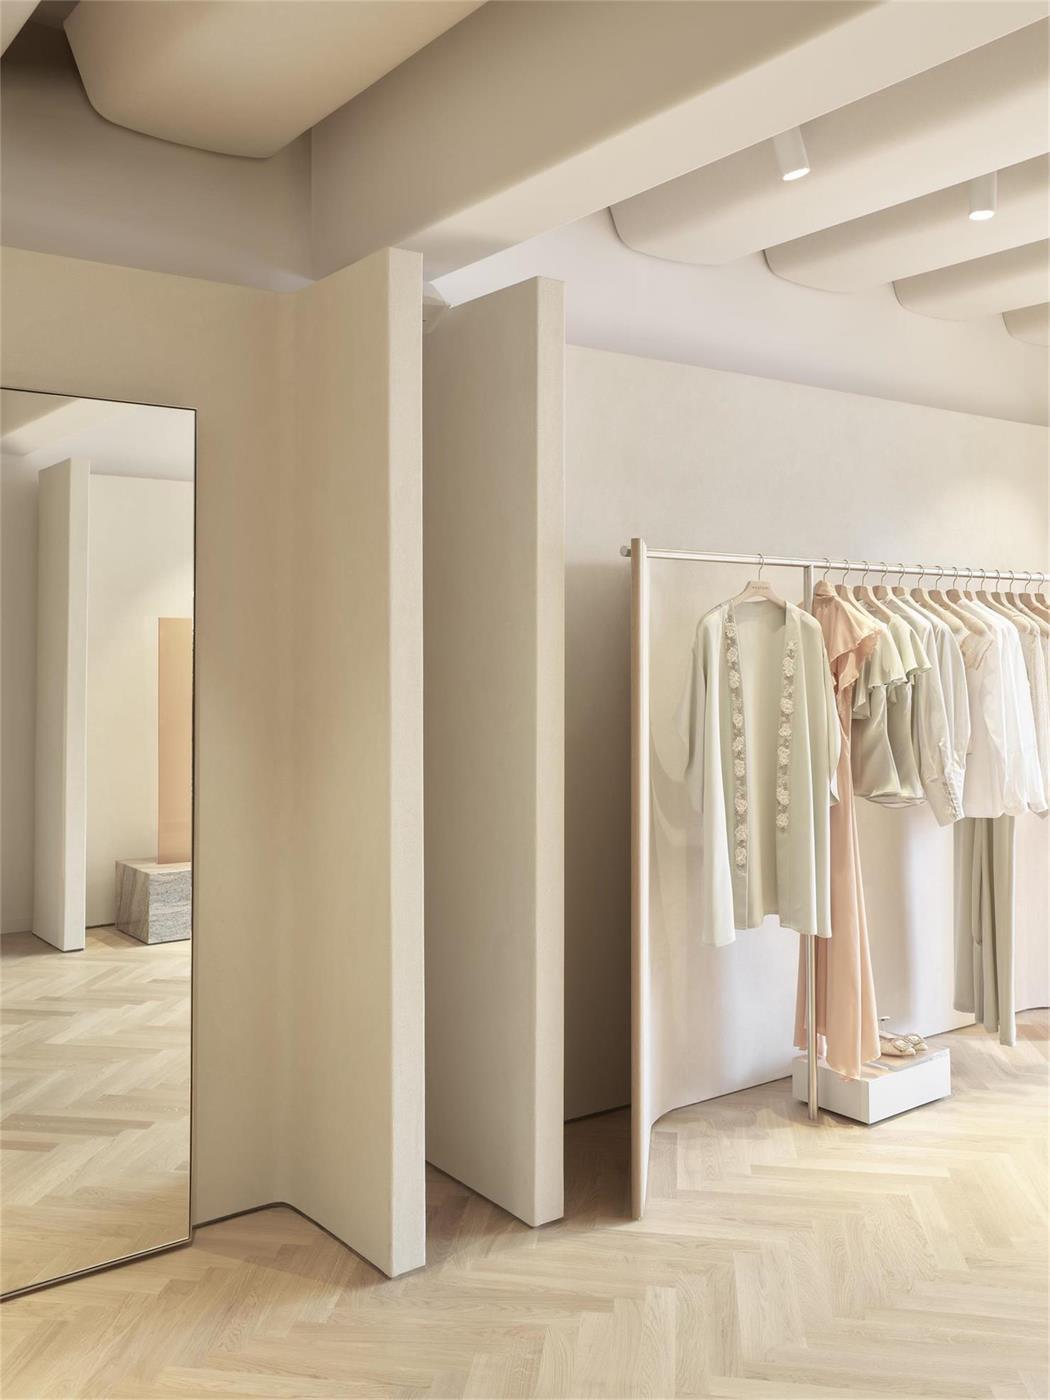 服装店墙面造型分区设计